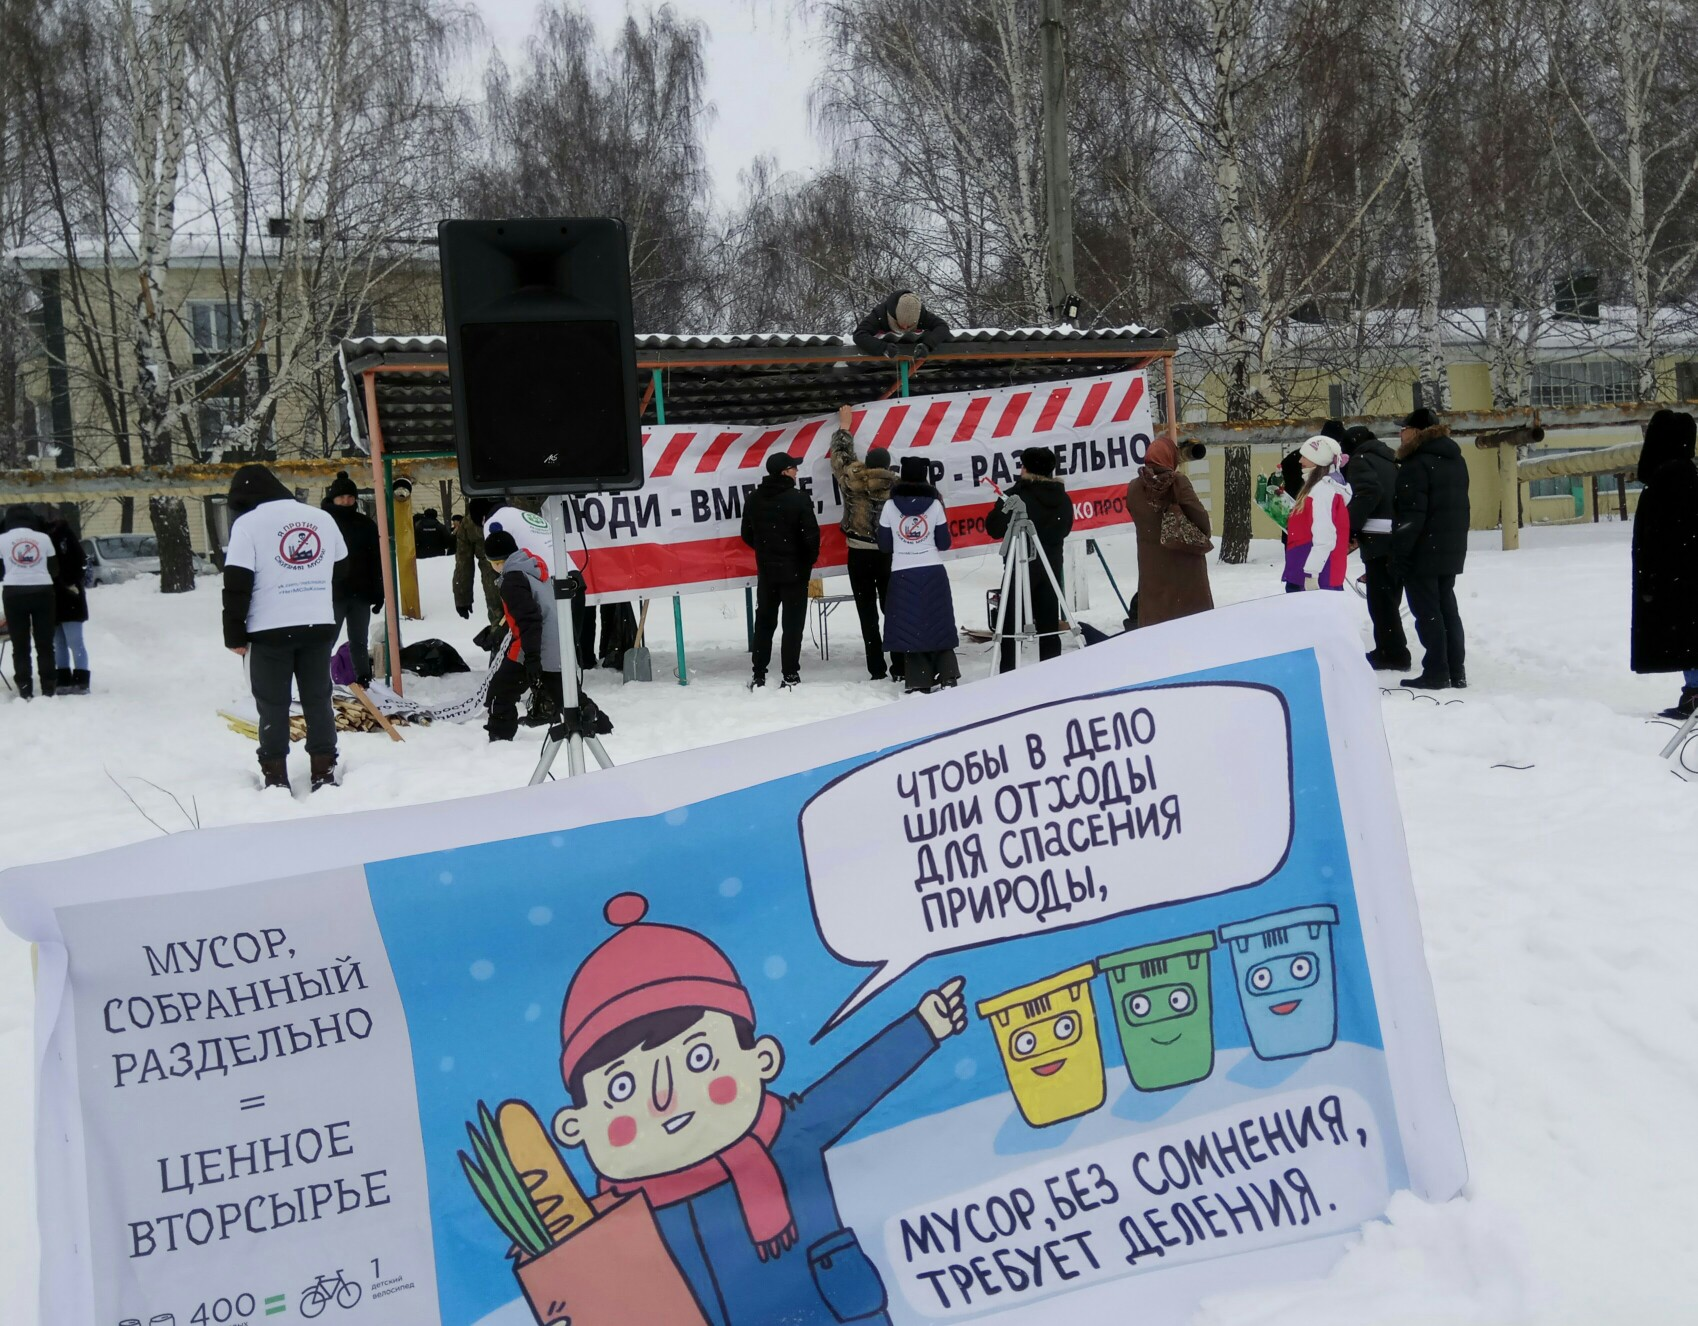 Фото: Противники МСЗ в Казани/Айрат Нуриев